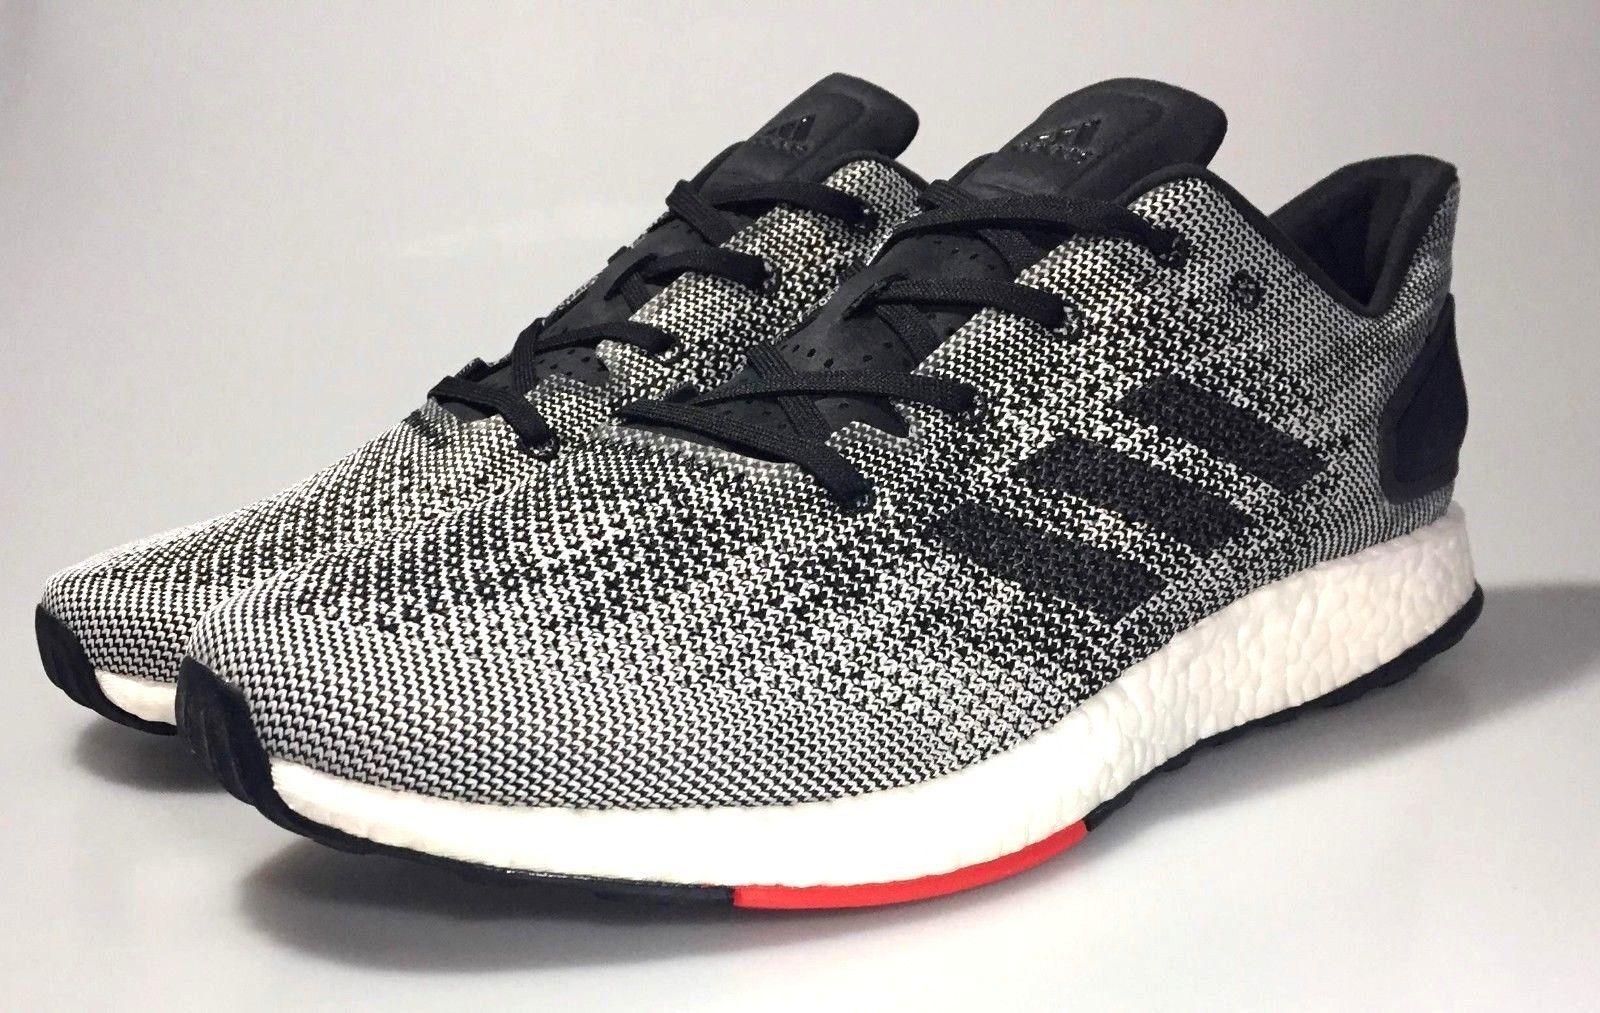 Adidas pureboost herren dpr neue herren pureboost - laufschuhe anzukurbeln s80993 grau - weißen schwarz - rot 32352a